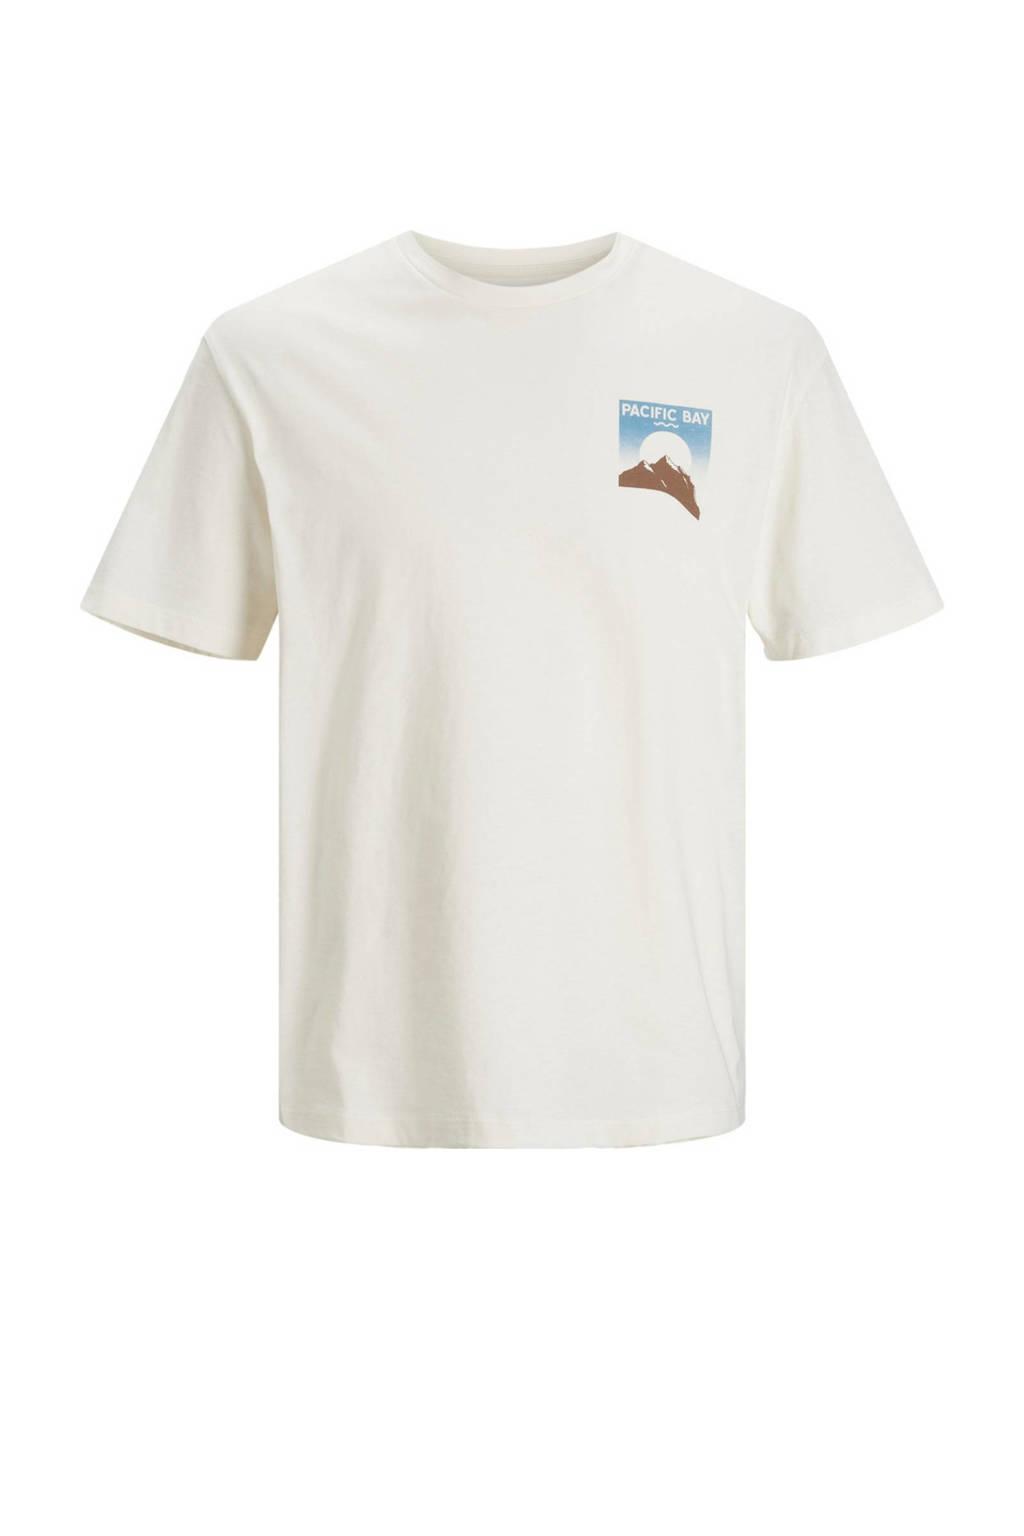 JACK & JONES ORIGINALS T-shirt JORMUZART met printopdruk cloud dancer, Cloud dancer